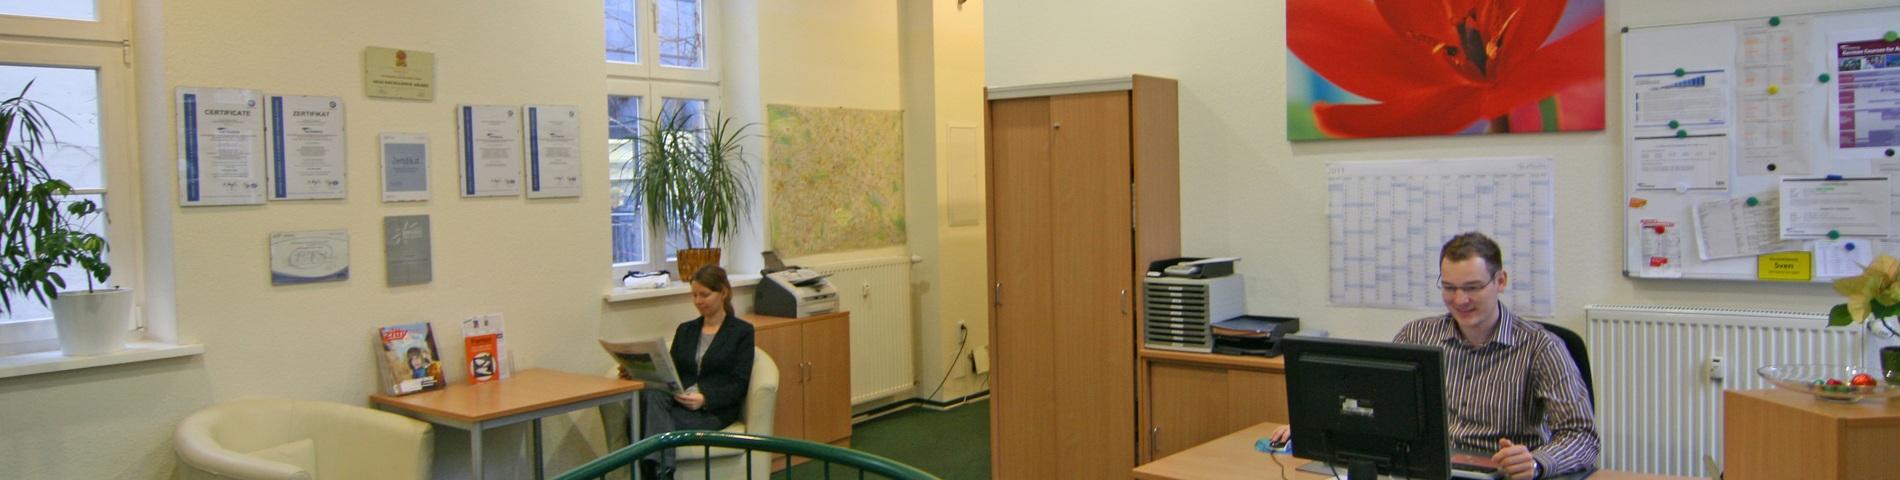 Imatge 1 de l'escola Carl Duisberg Centrum